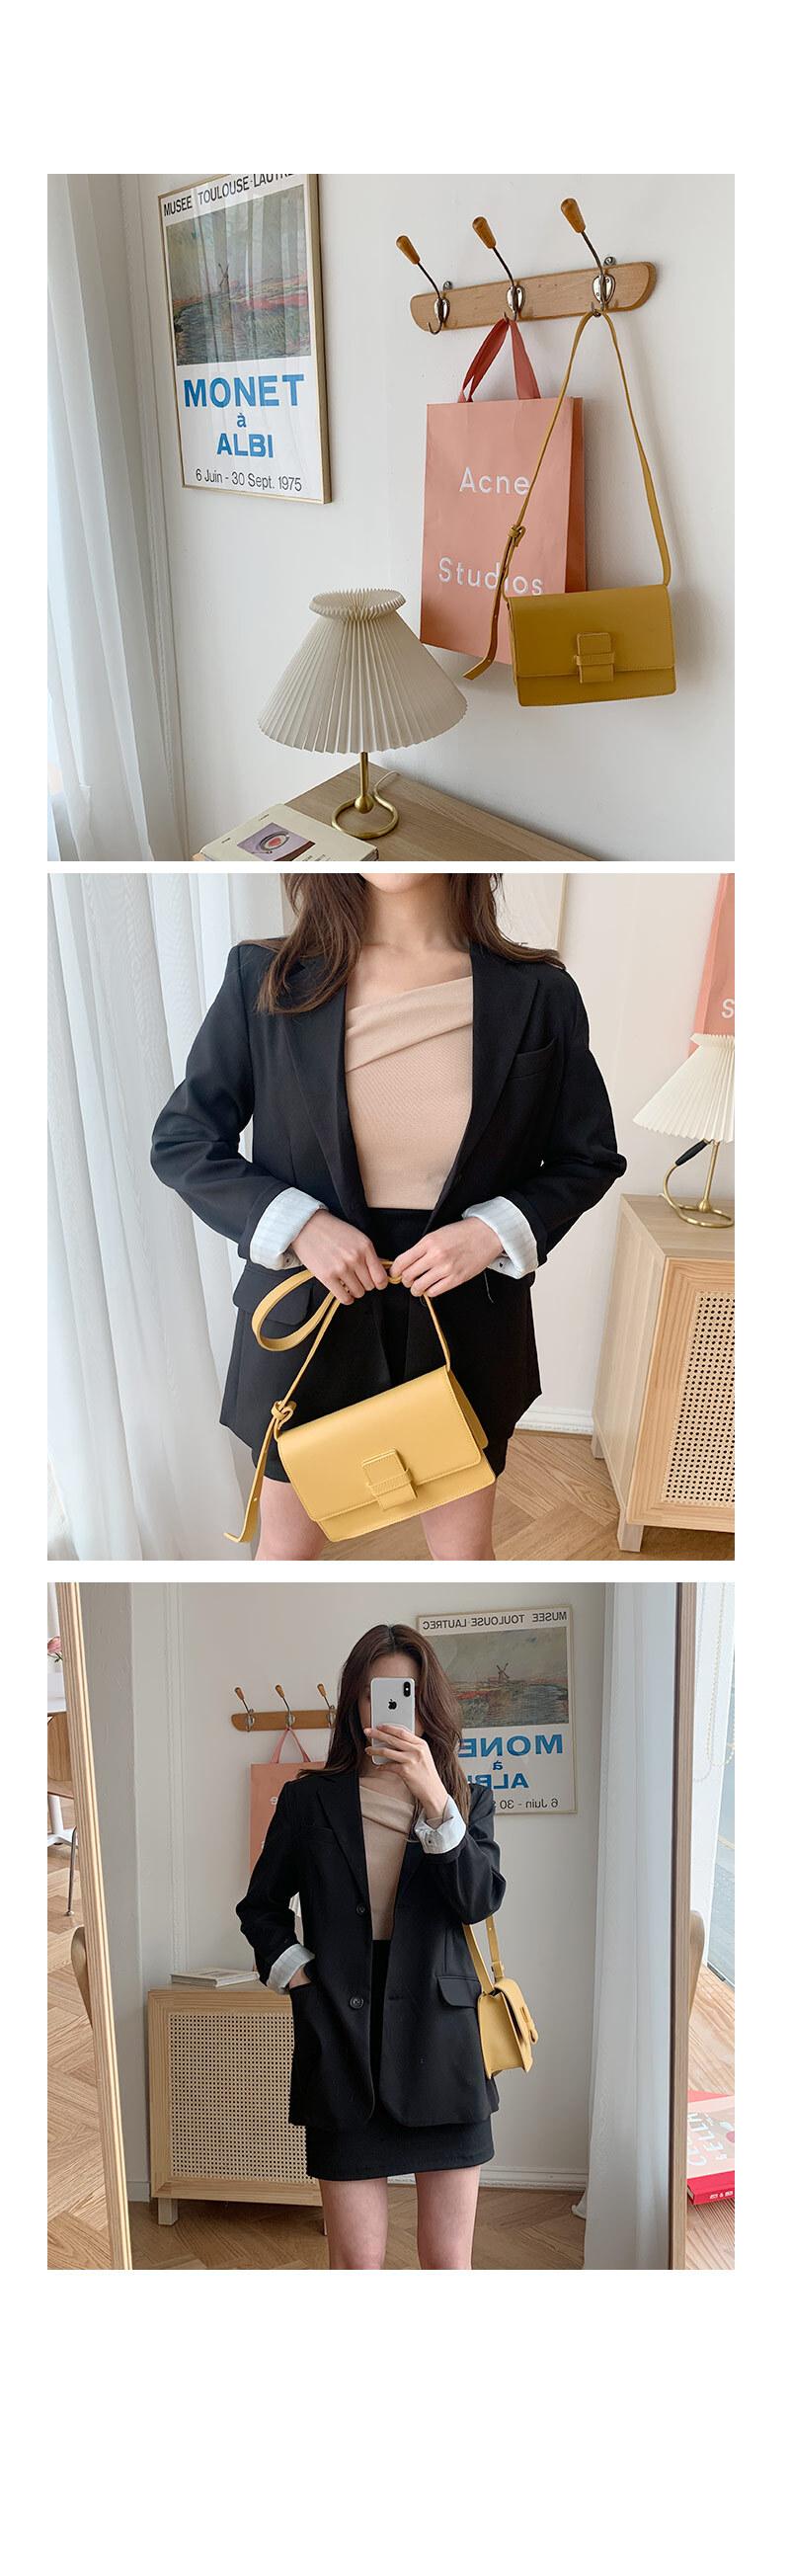 겟잇미 기본 여성 벨트 스퀘어 숄더백 - 겟잇미, 67,200원, 크로스백, 인조가죽크로스백